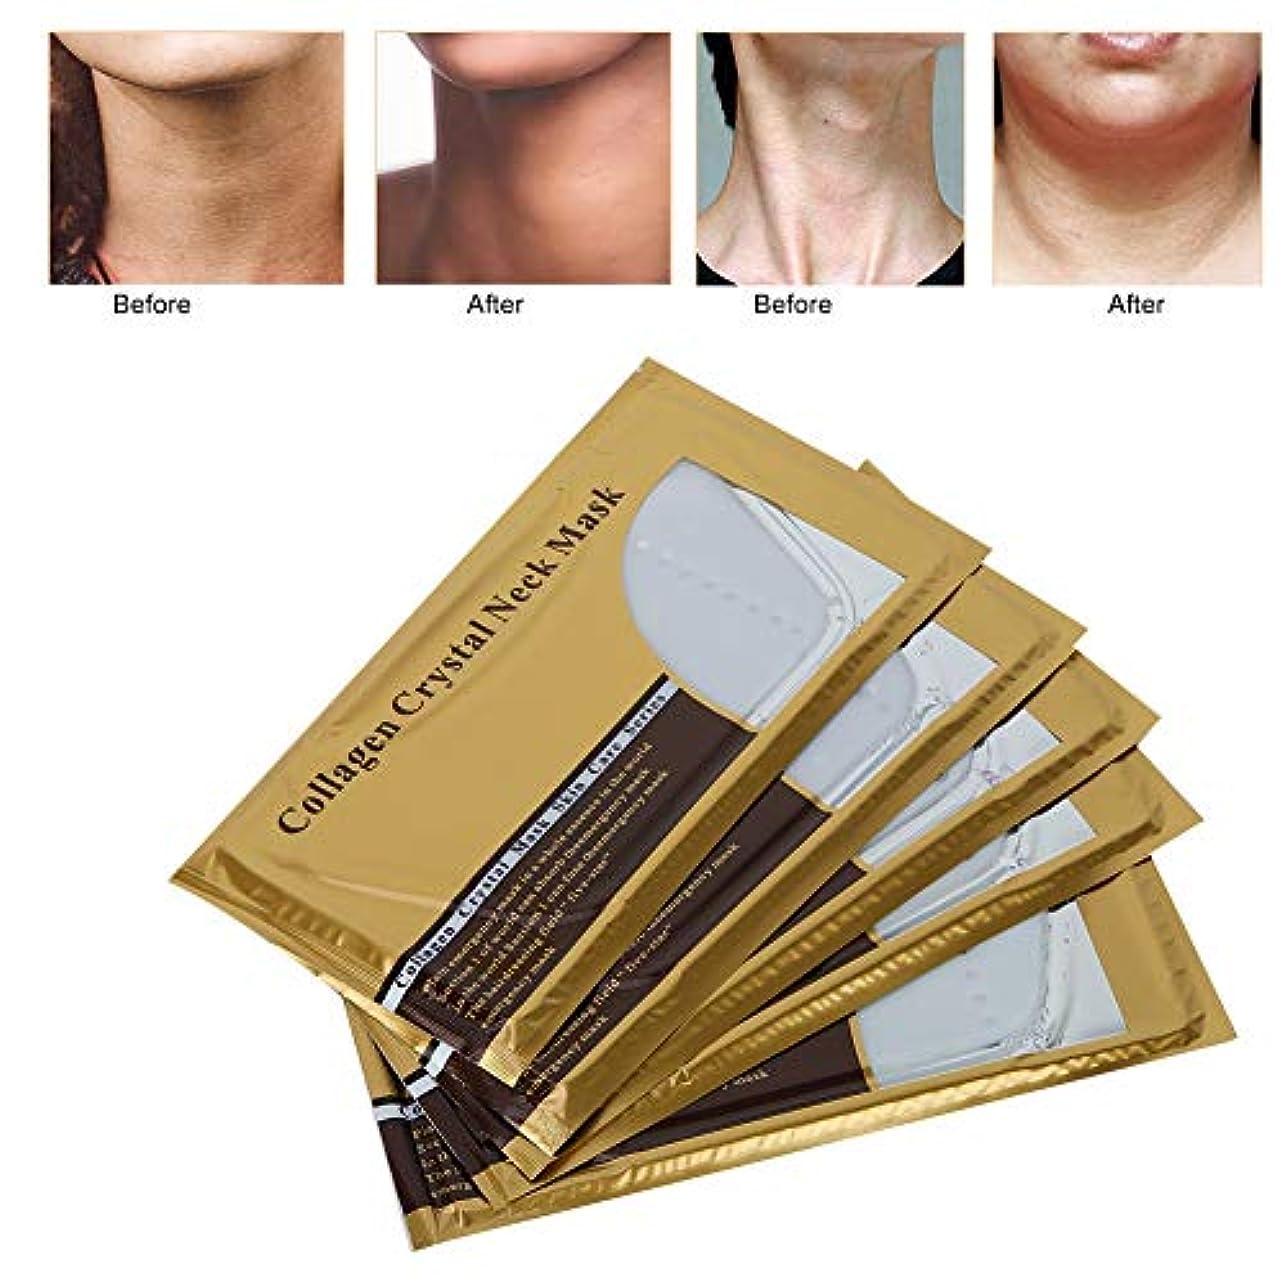 豊富分配します国際ネックスキンリニューアルマスク、5ピースコラーゲン肌のリラクゼーションスキンケアマスク用あごリフティング剥離ホワイトニング引き締め若返り保湿水分補給